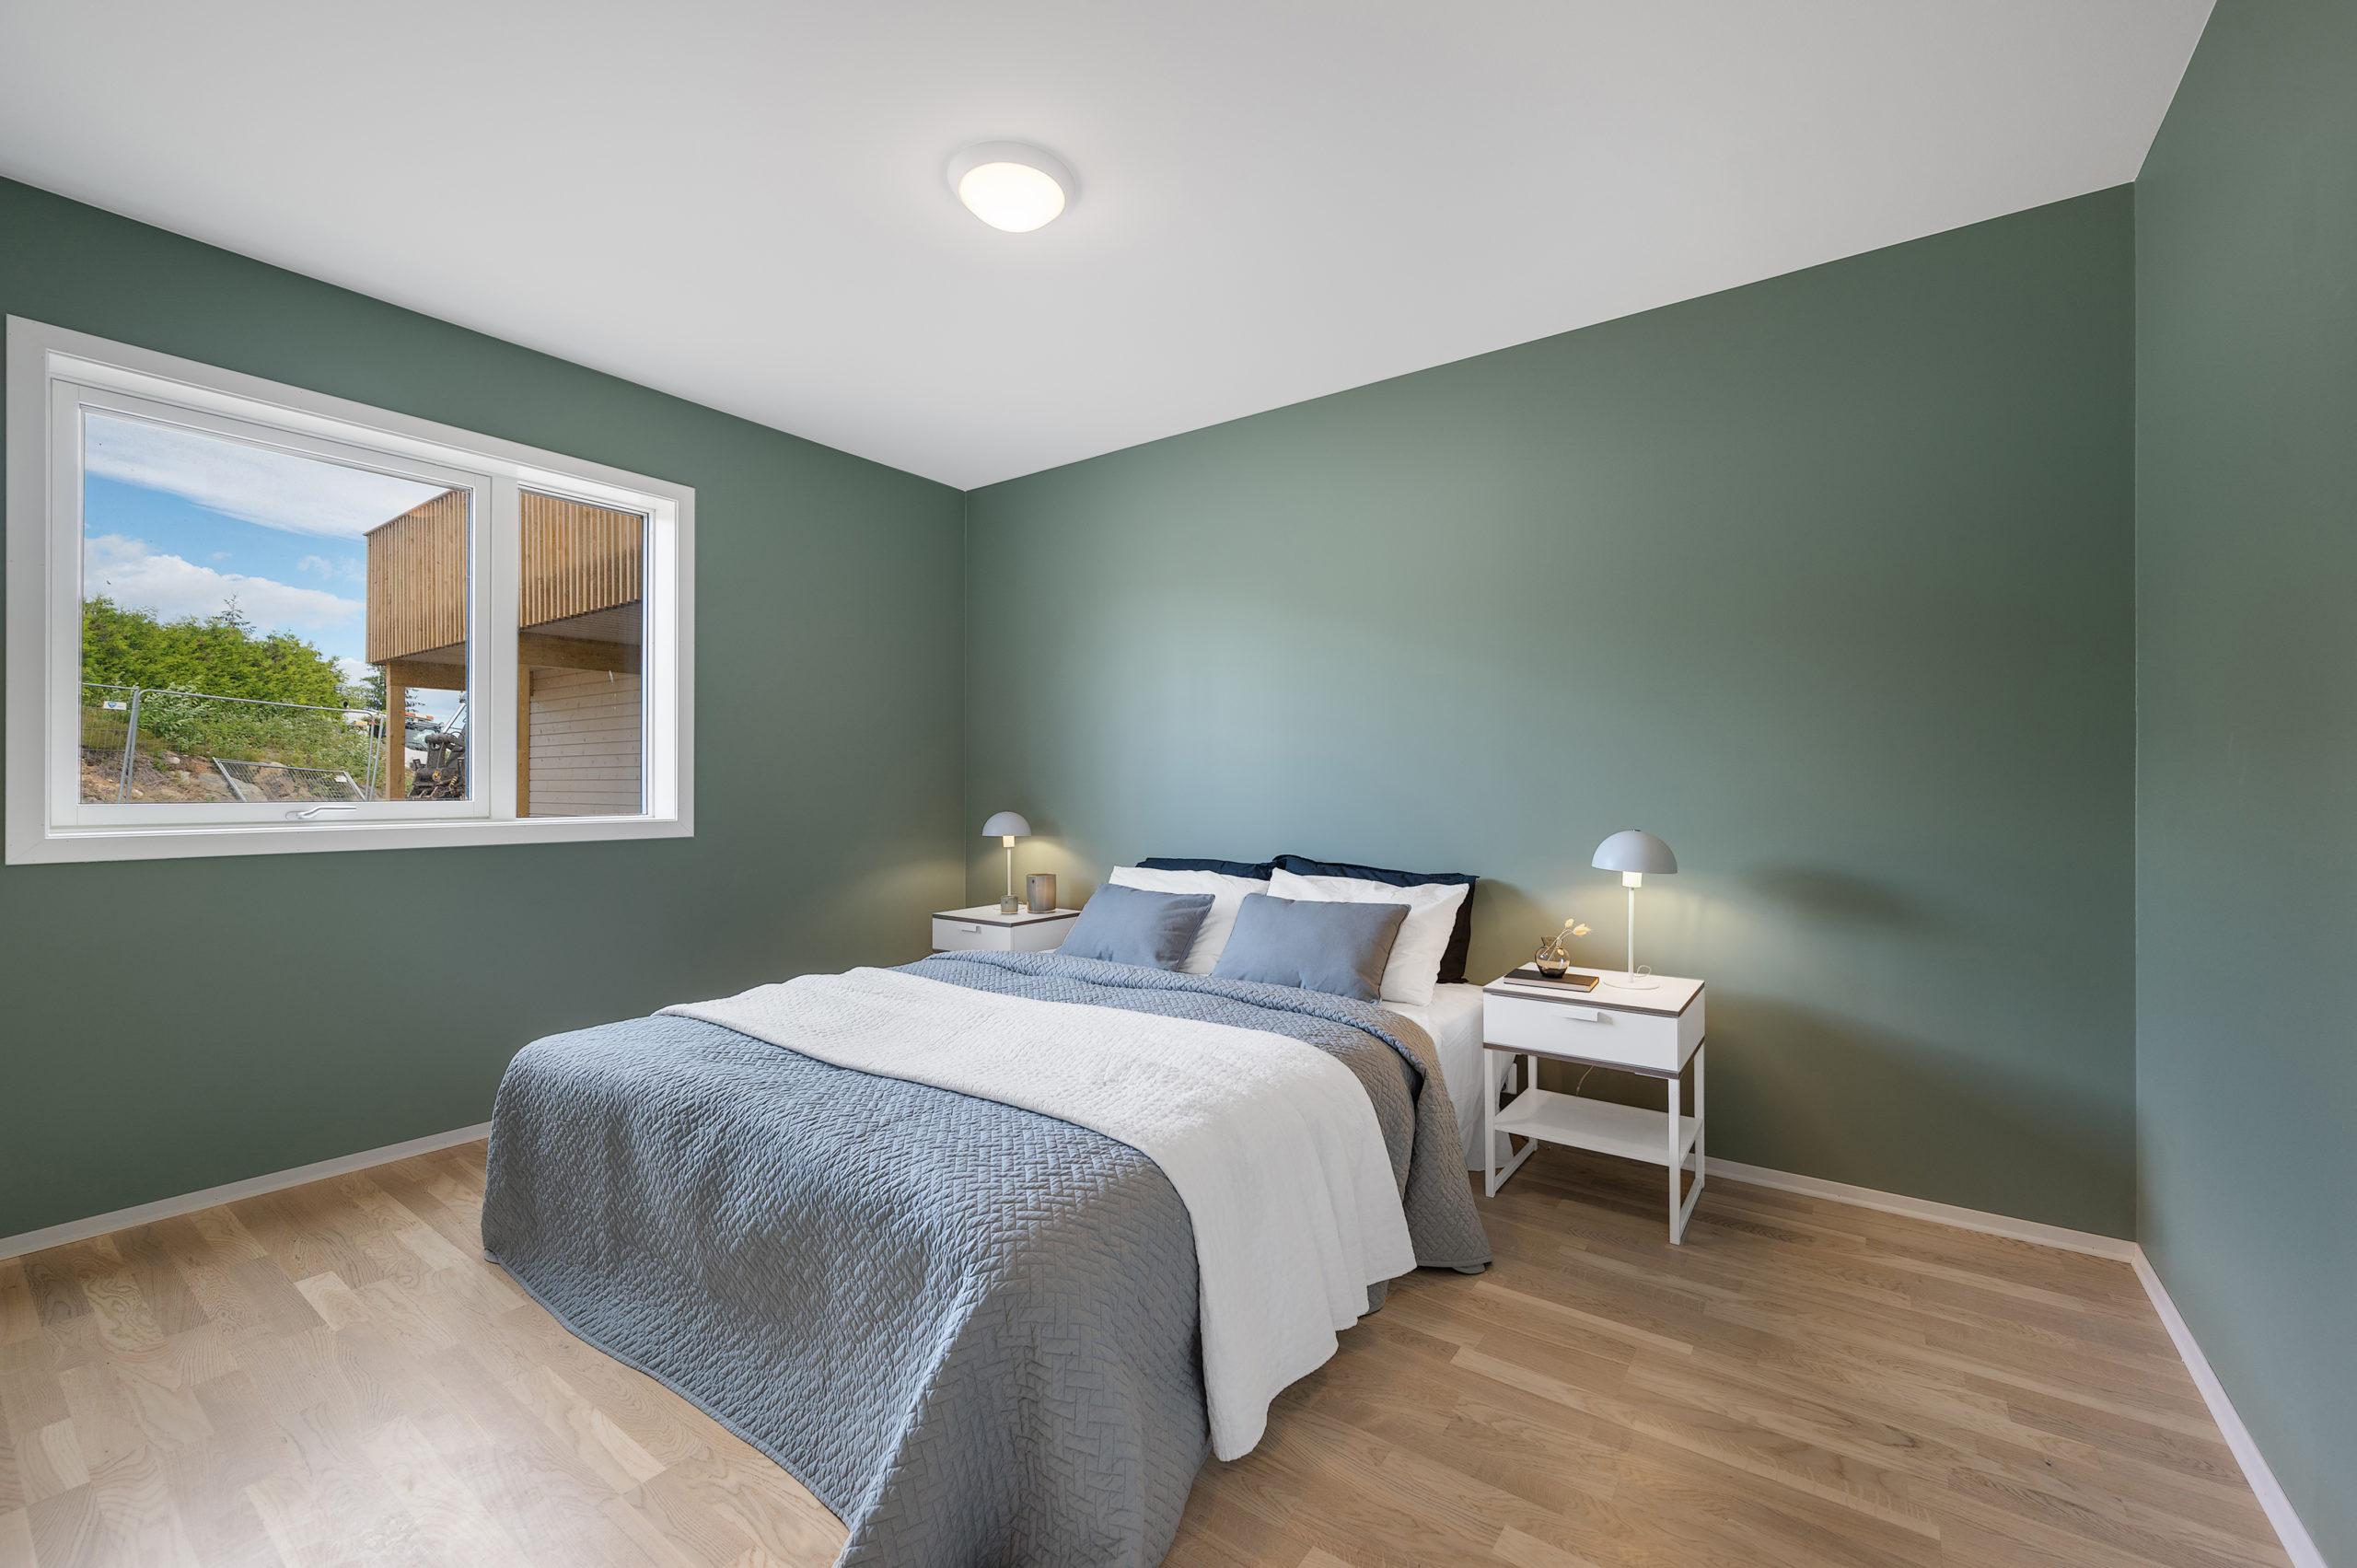 Enebolig Fjellfoten Hage: Soverom med god plass og vakre vegger